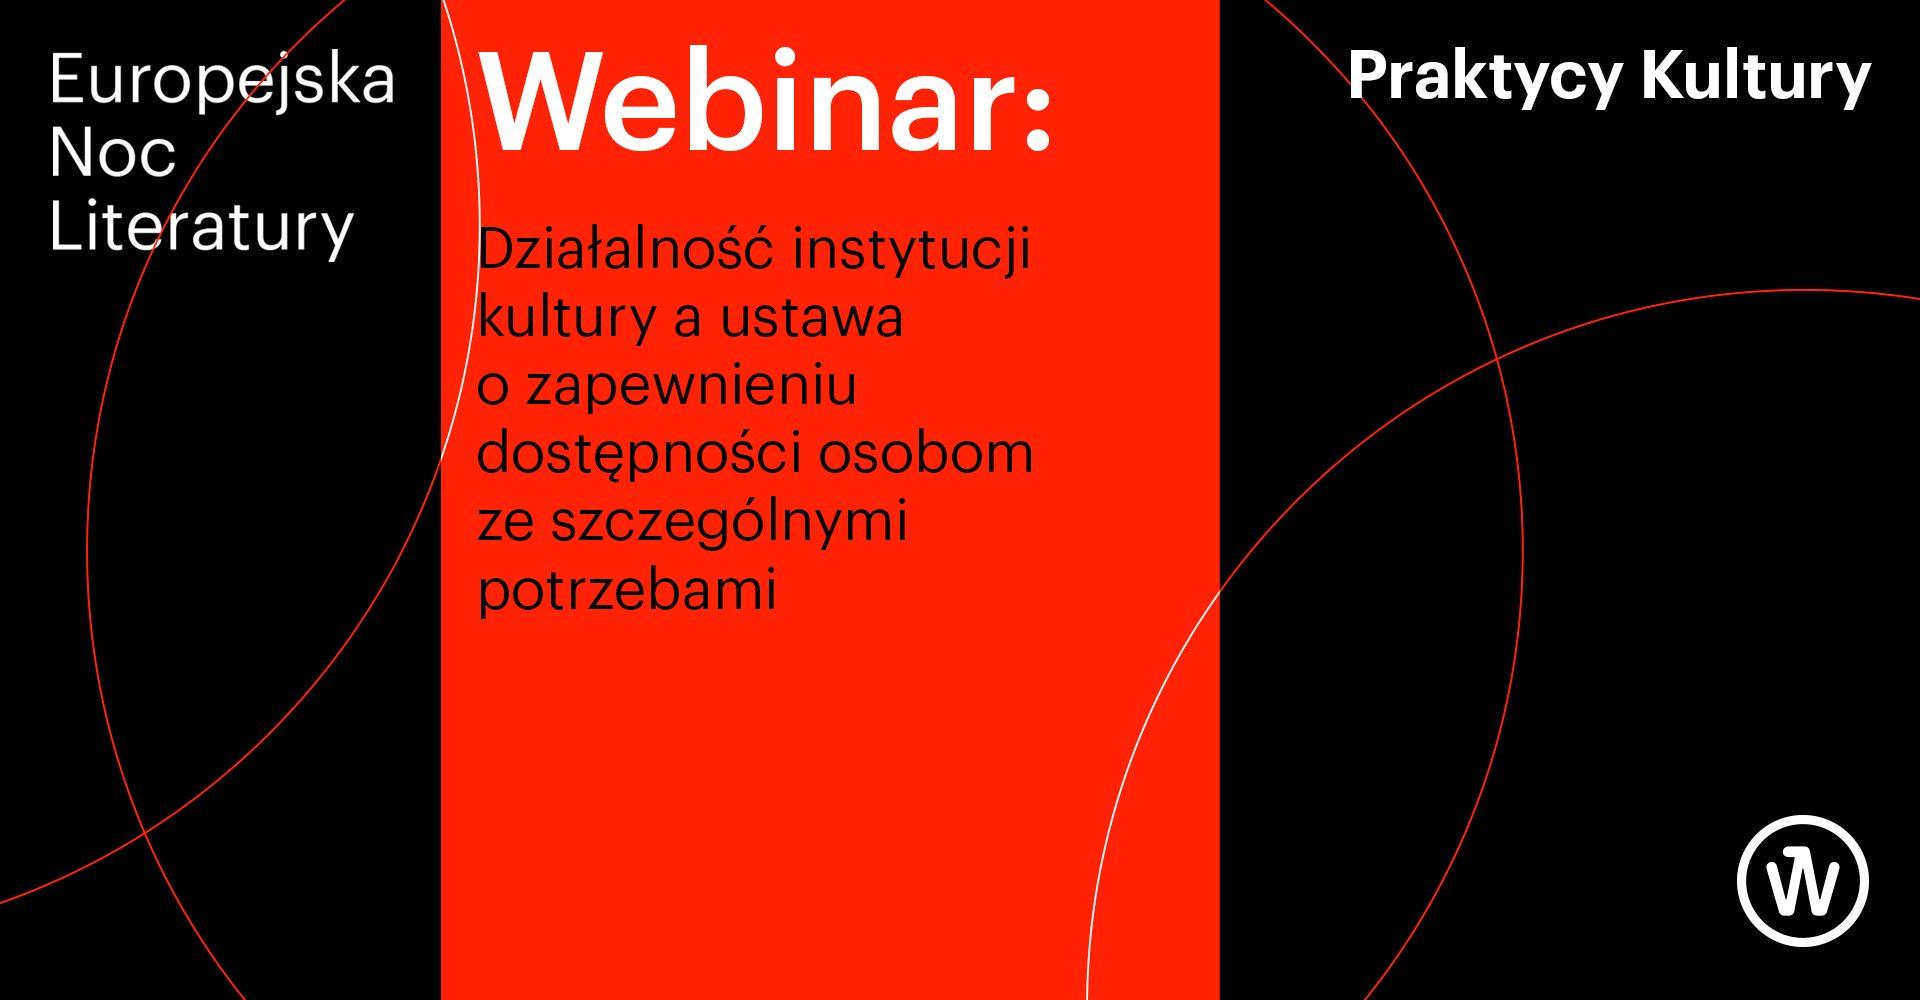 Europejska Noc Literatury, Praktycy kultury. Webinar: Działalność instytucji kultury a ustawa o zapewnianiu dostępności osobom ze szczególnymi potrzebami